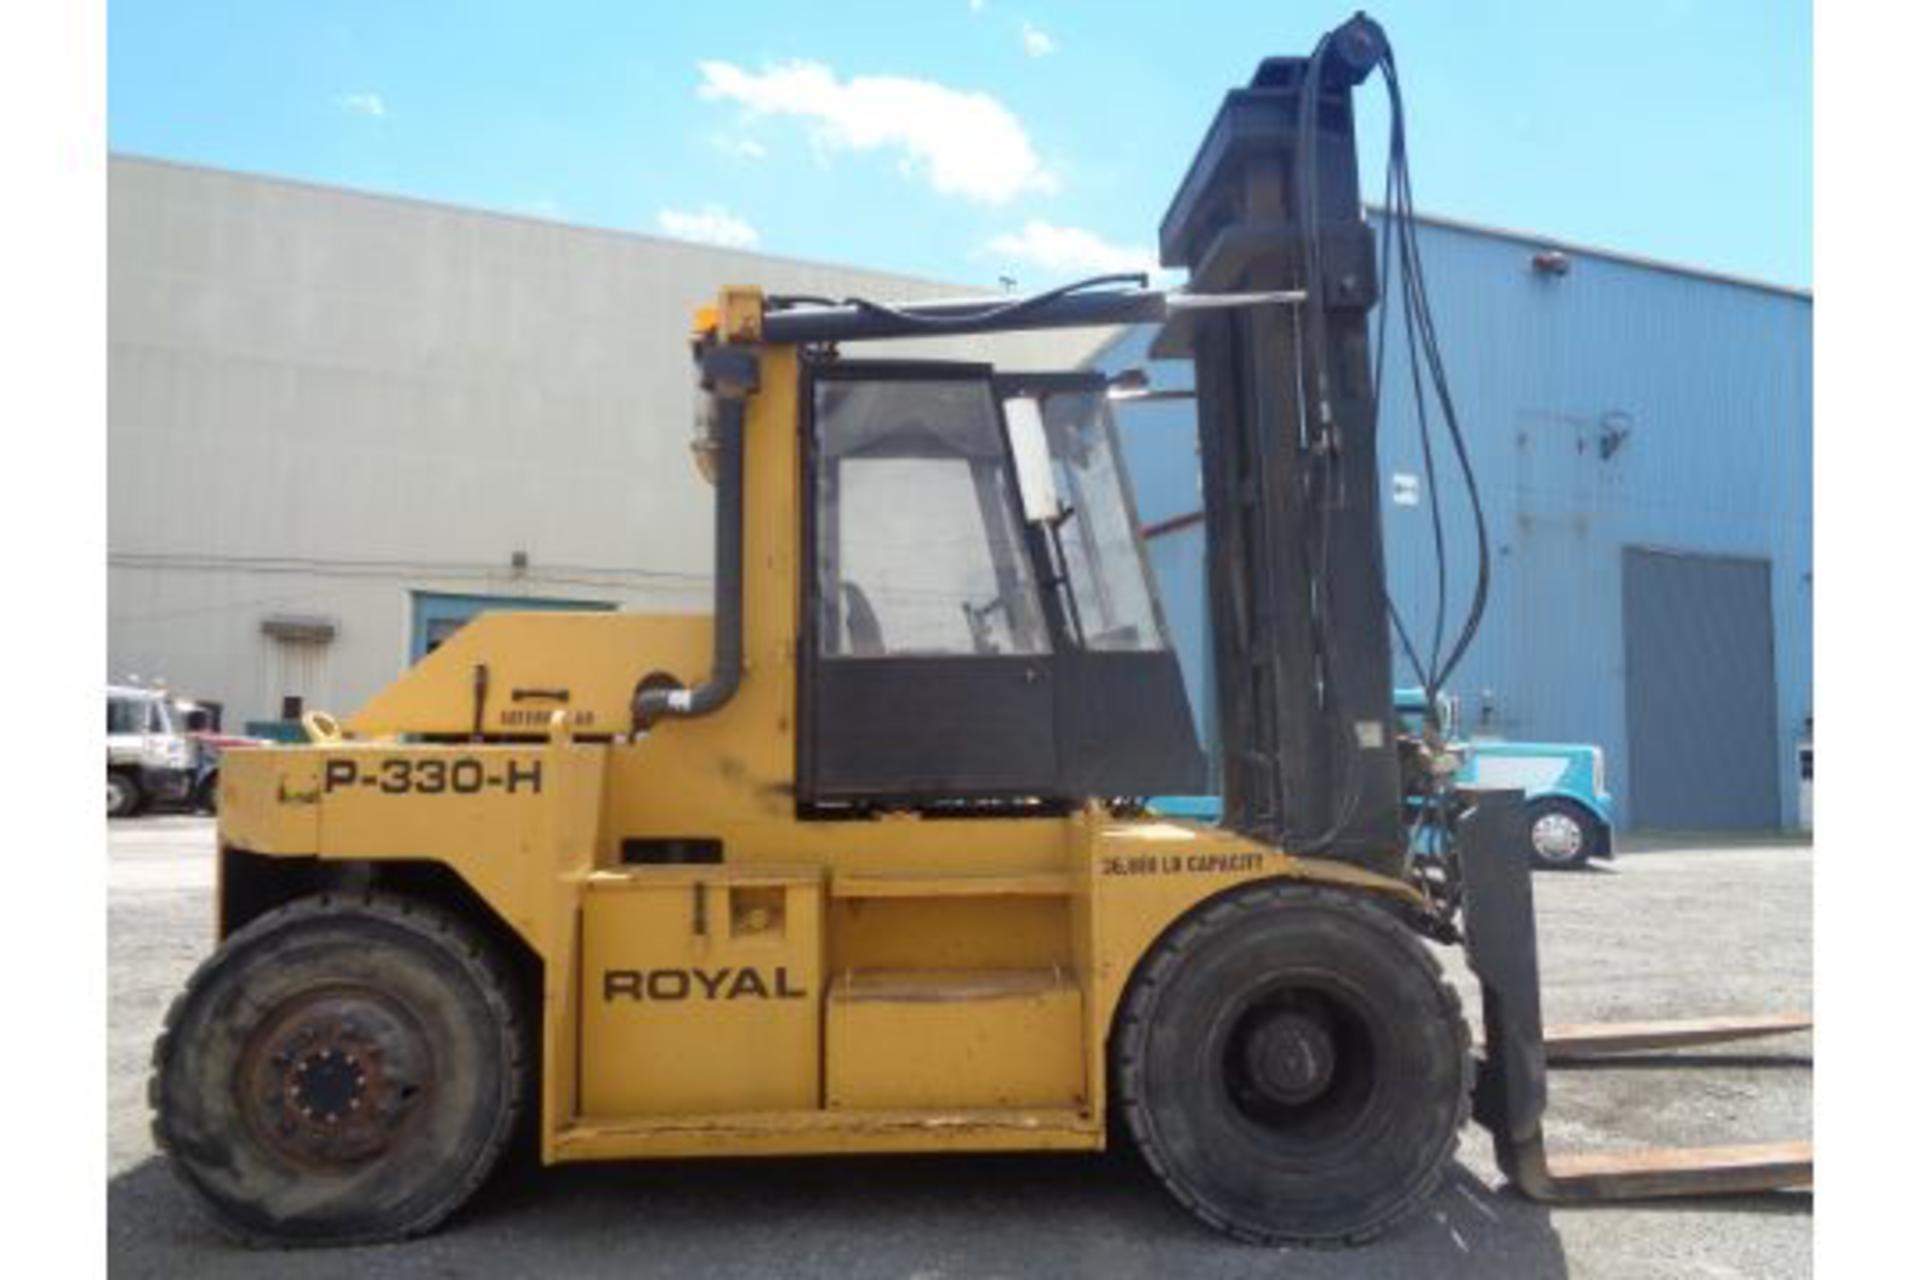 1998 Royal P330H 36,000lb Forklift - Image 9 of 19